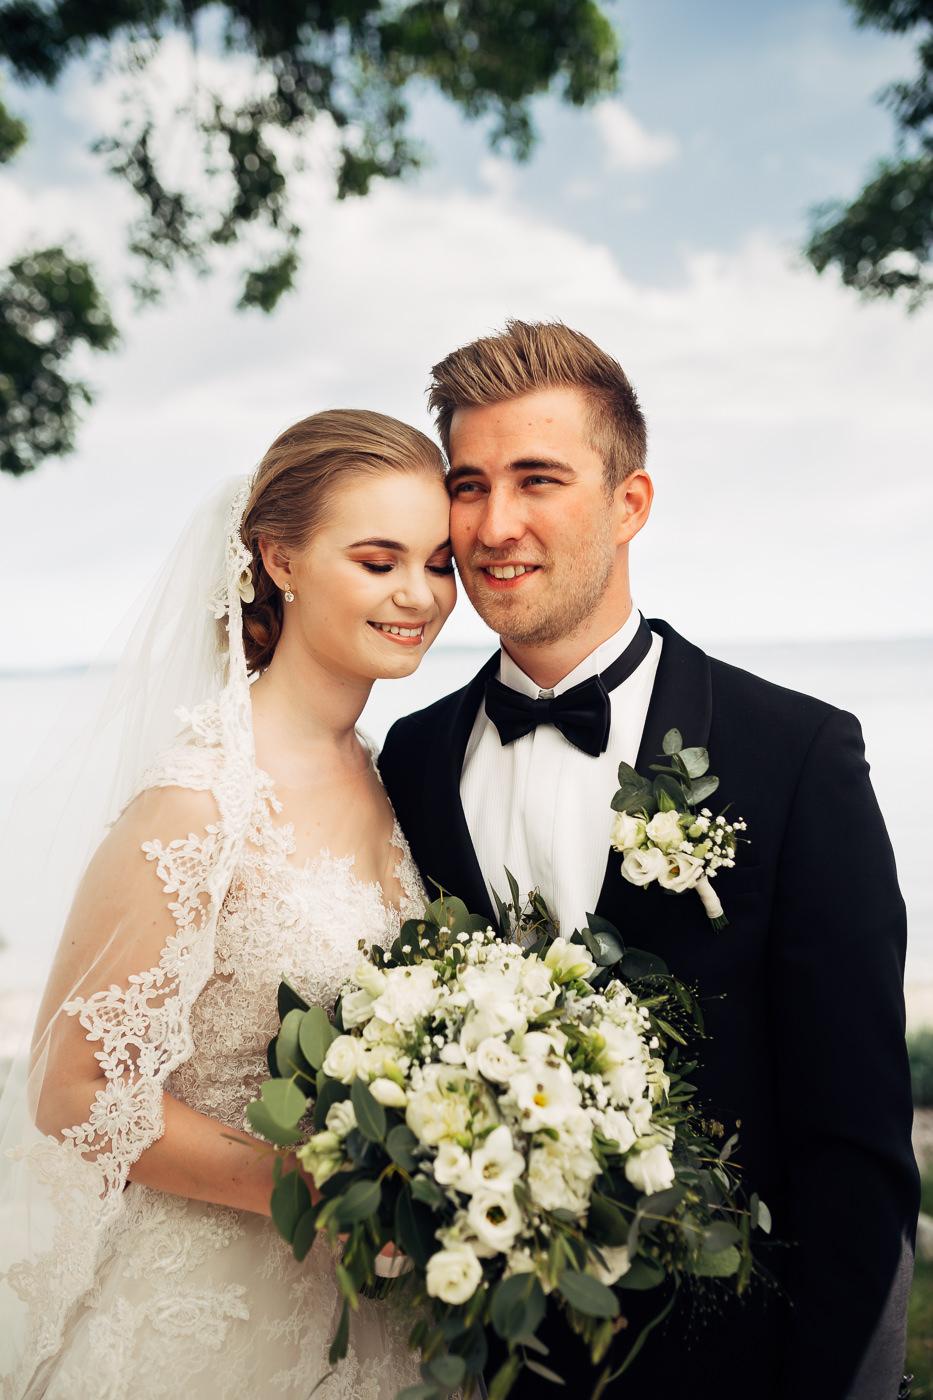 Marte & Mathias - heldagsfotografering i Horten med magisk avslutning Bryllup Dal Gjestegard Horten Vestfold 30